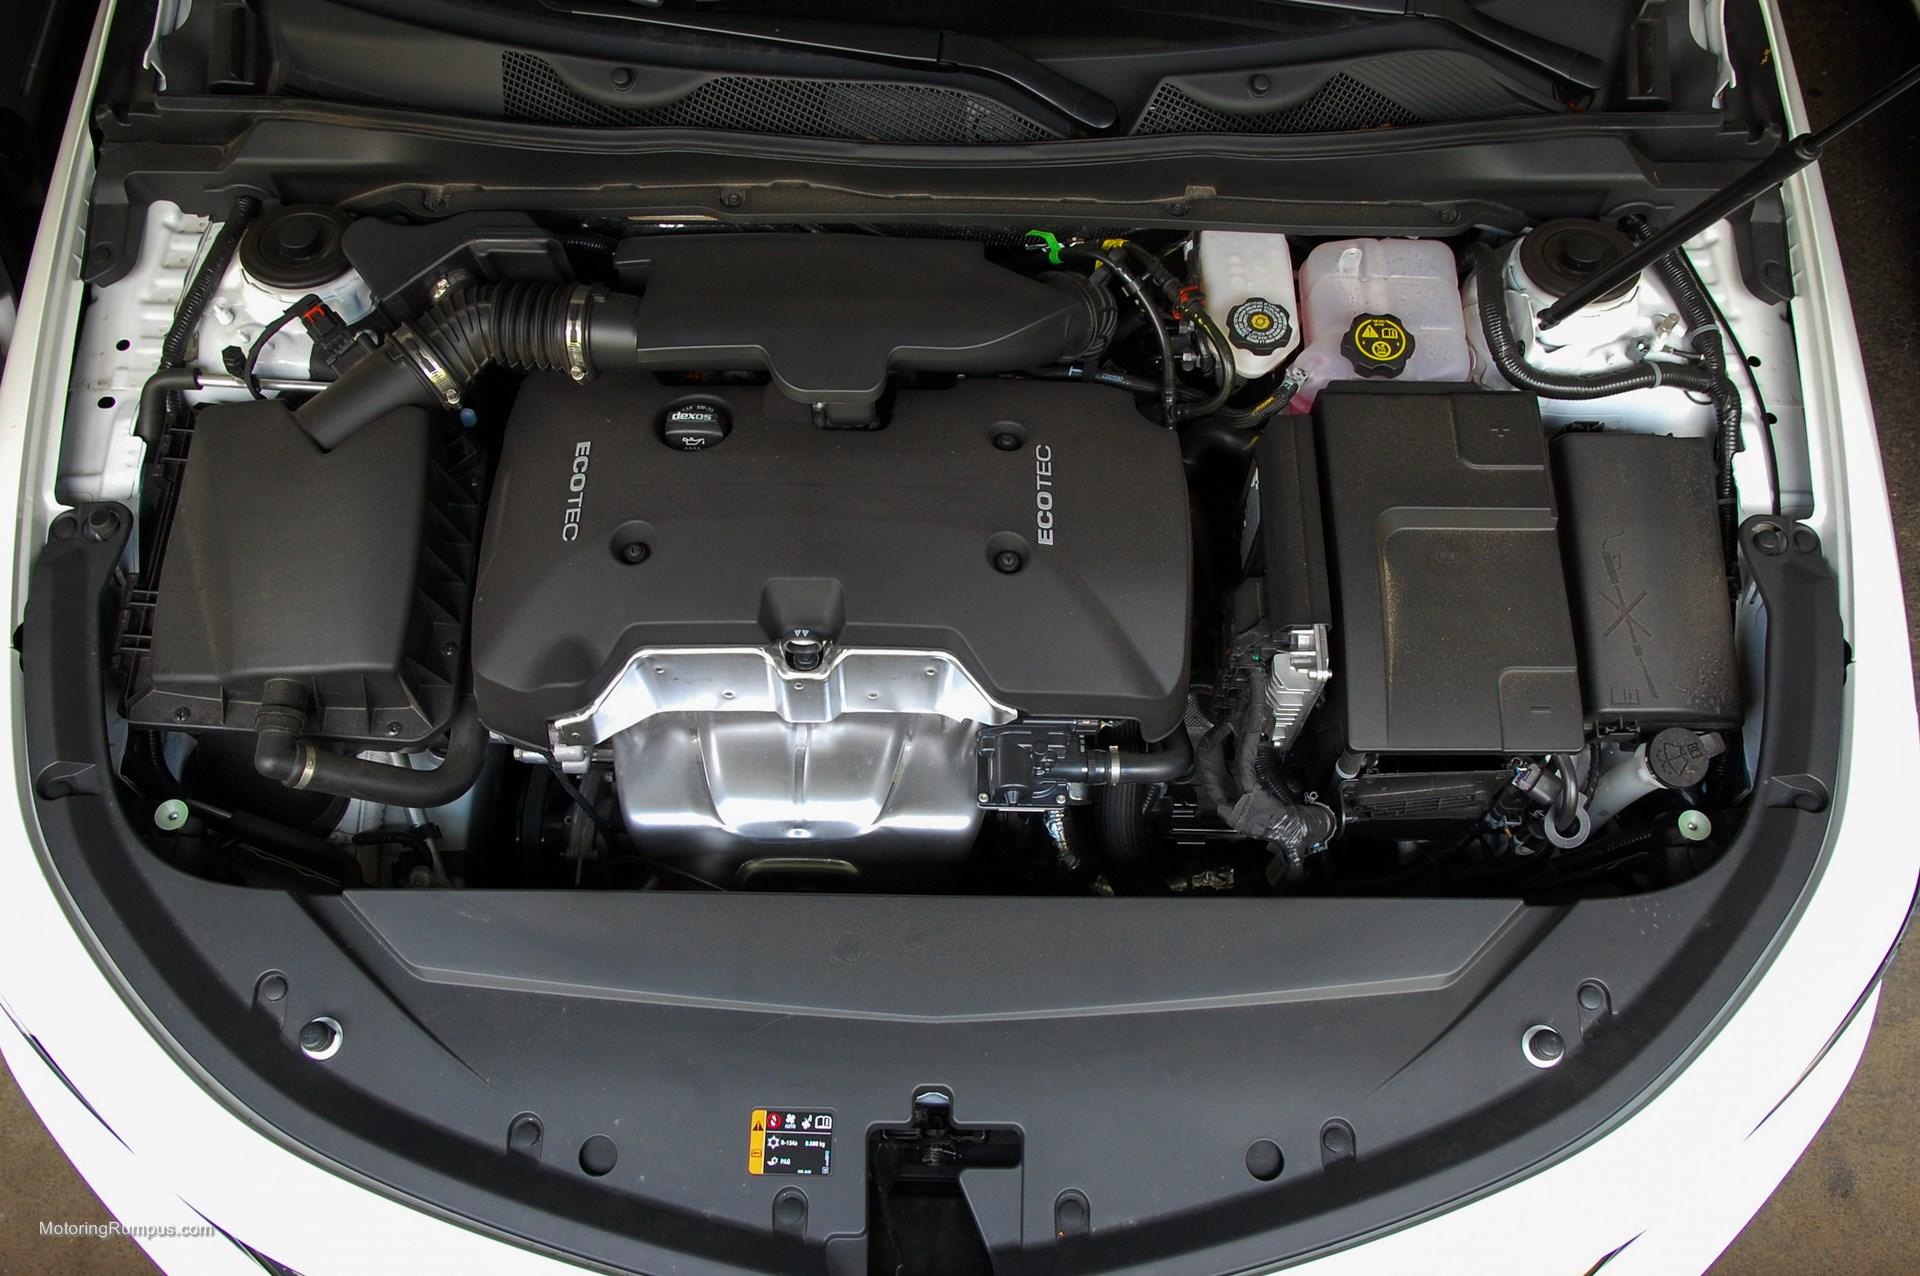 2014 Chevy Impala Ecotec 2.5L 4-cylinder Engine